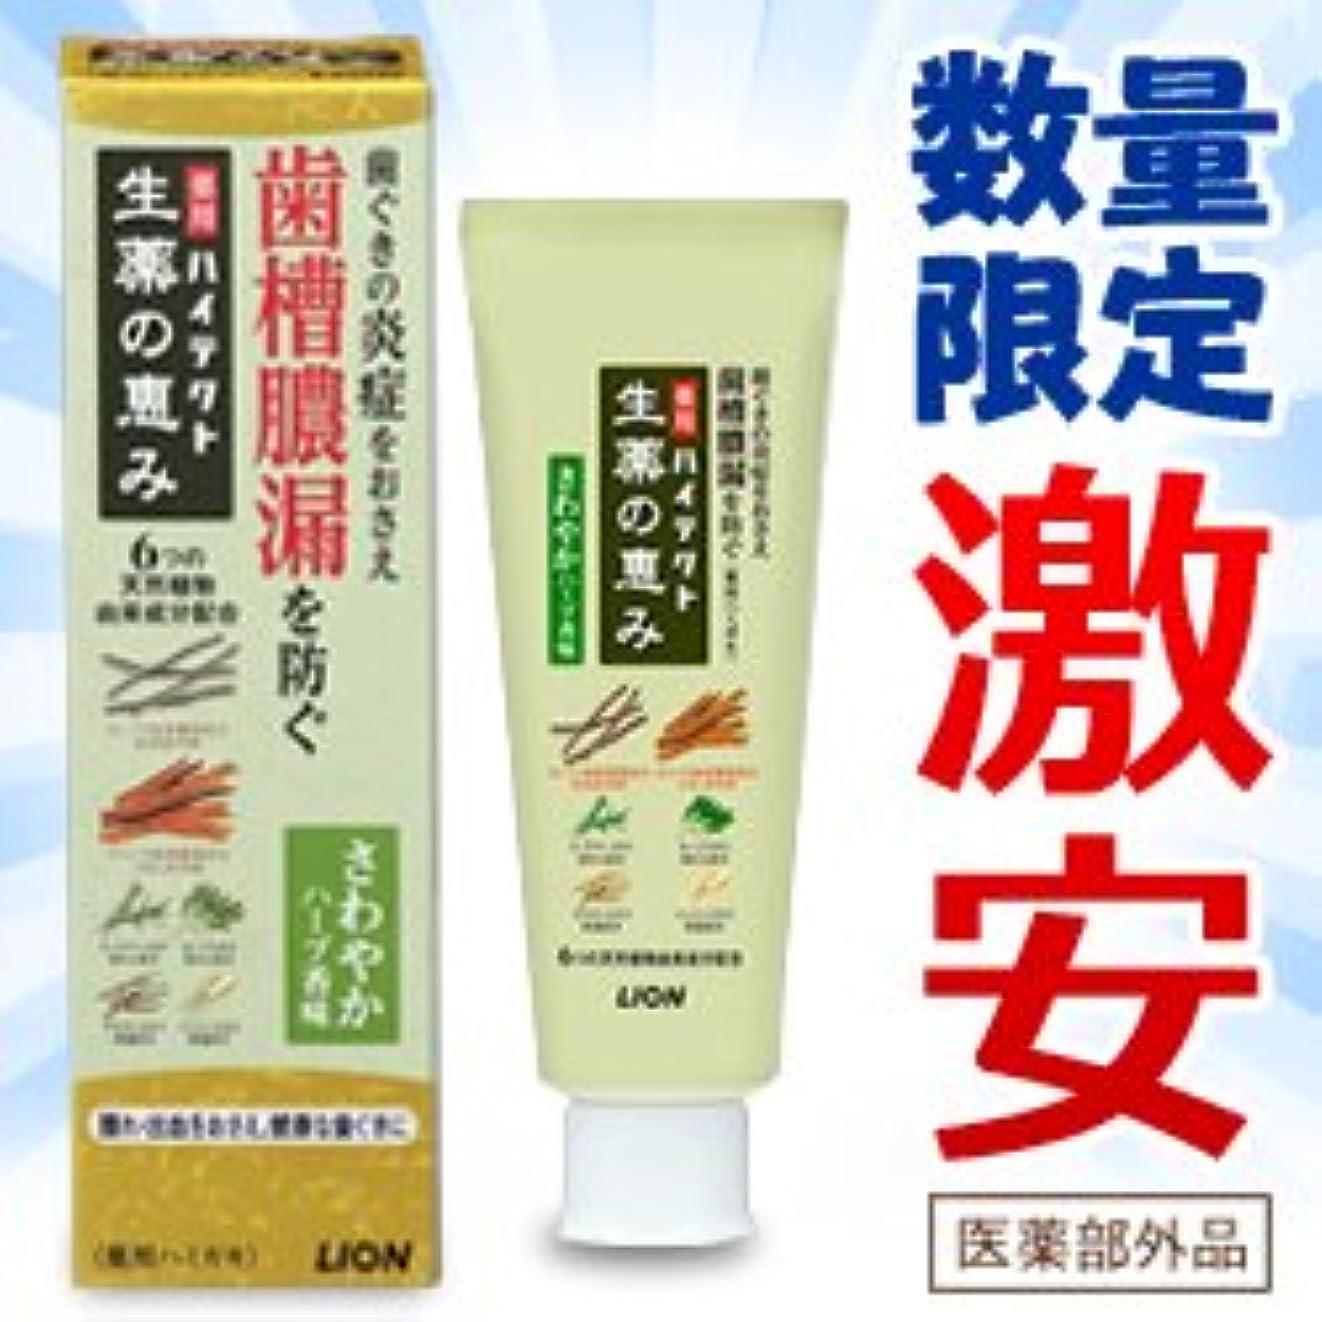 カートン感動する変更可能【ライオン】ハイテクト 生薬の恵み さわやかハーブ香味90g×5個セット